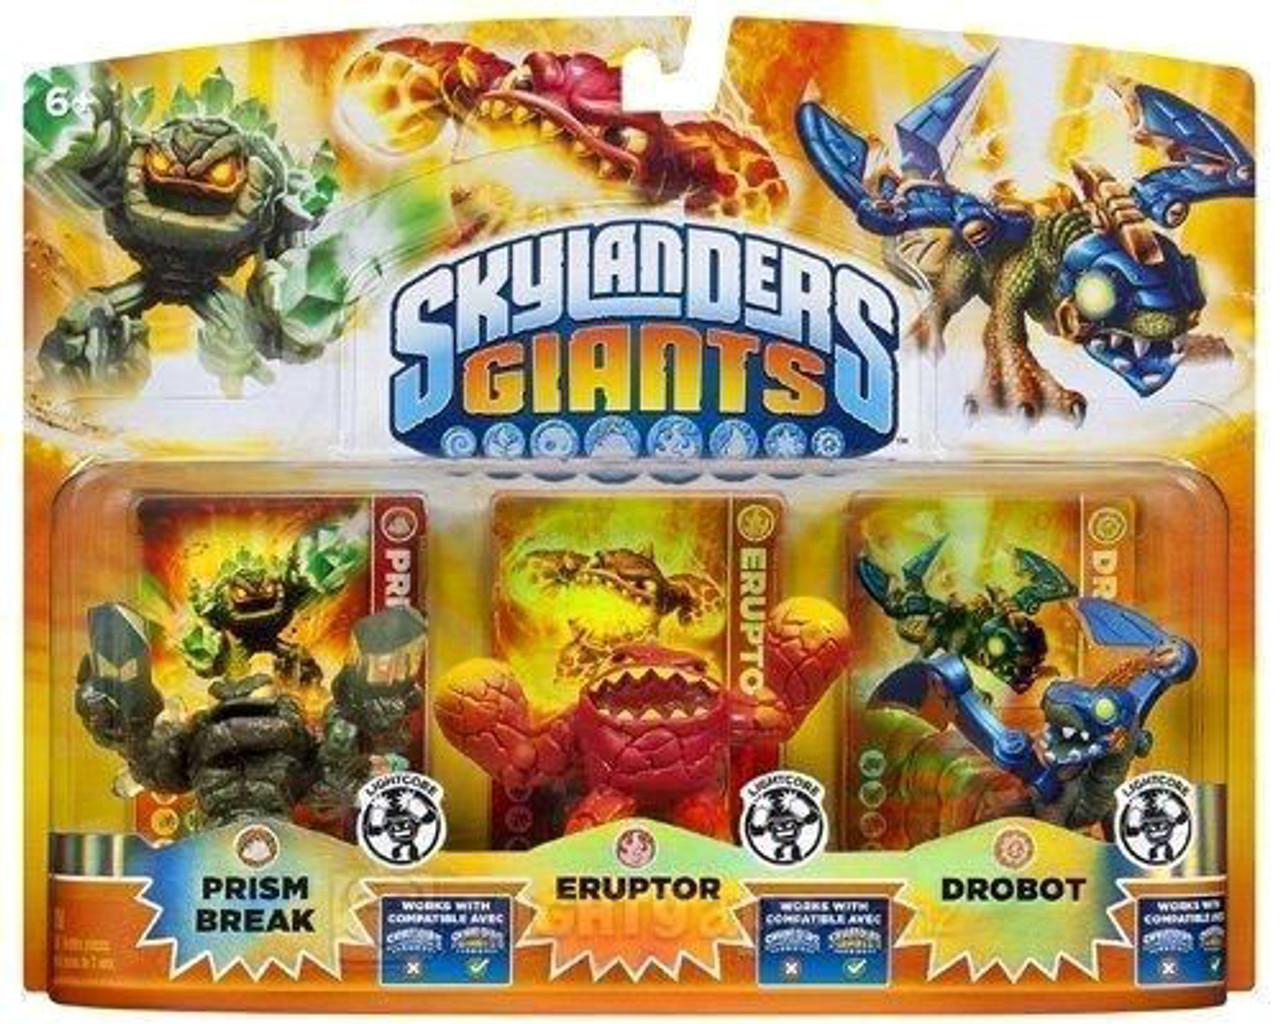 Skylanders Giants Lightcore Prism Break, Eruptor & Drobot Exclusive Figure 3-Pack